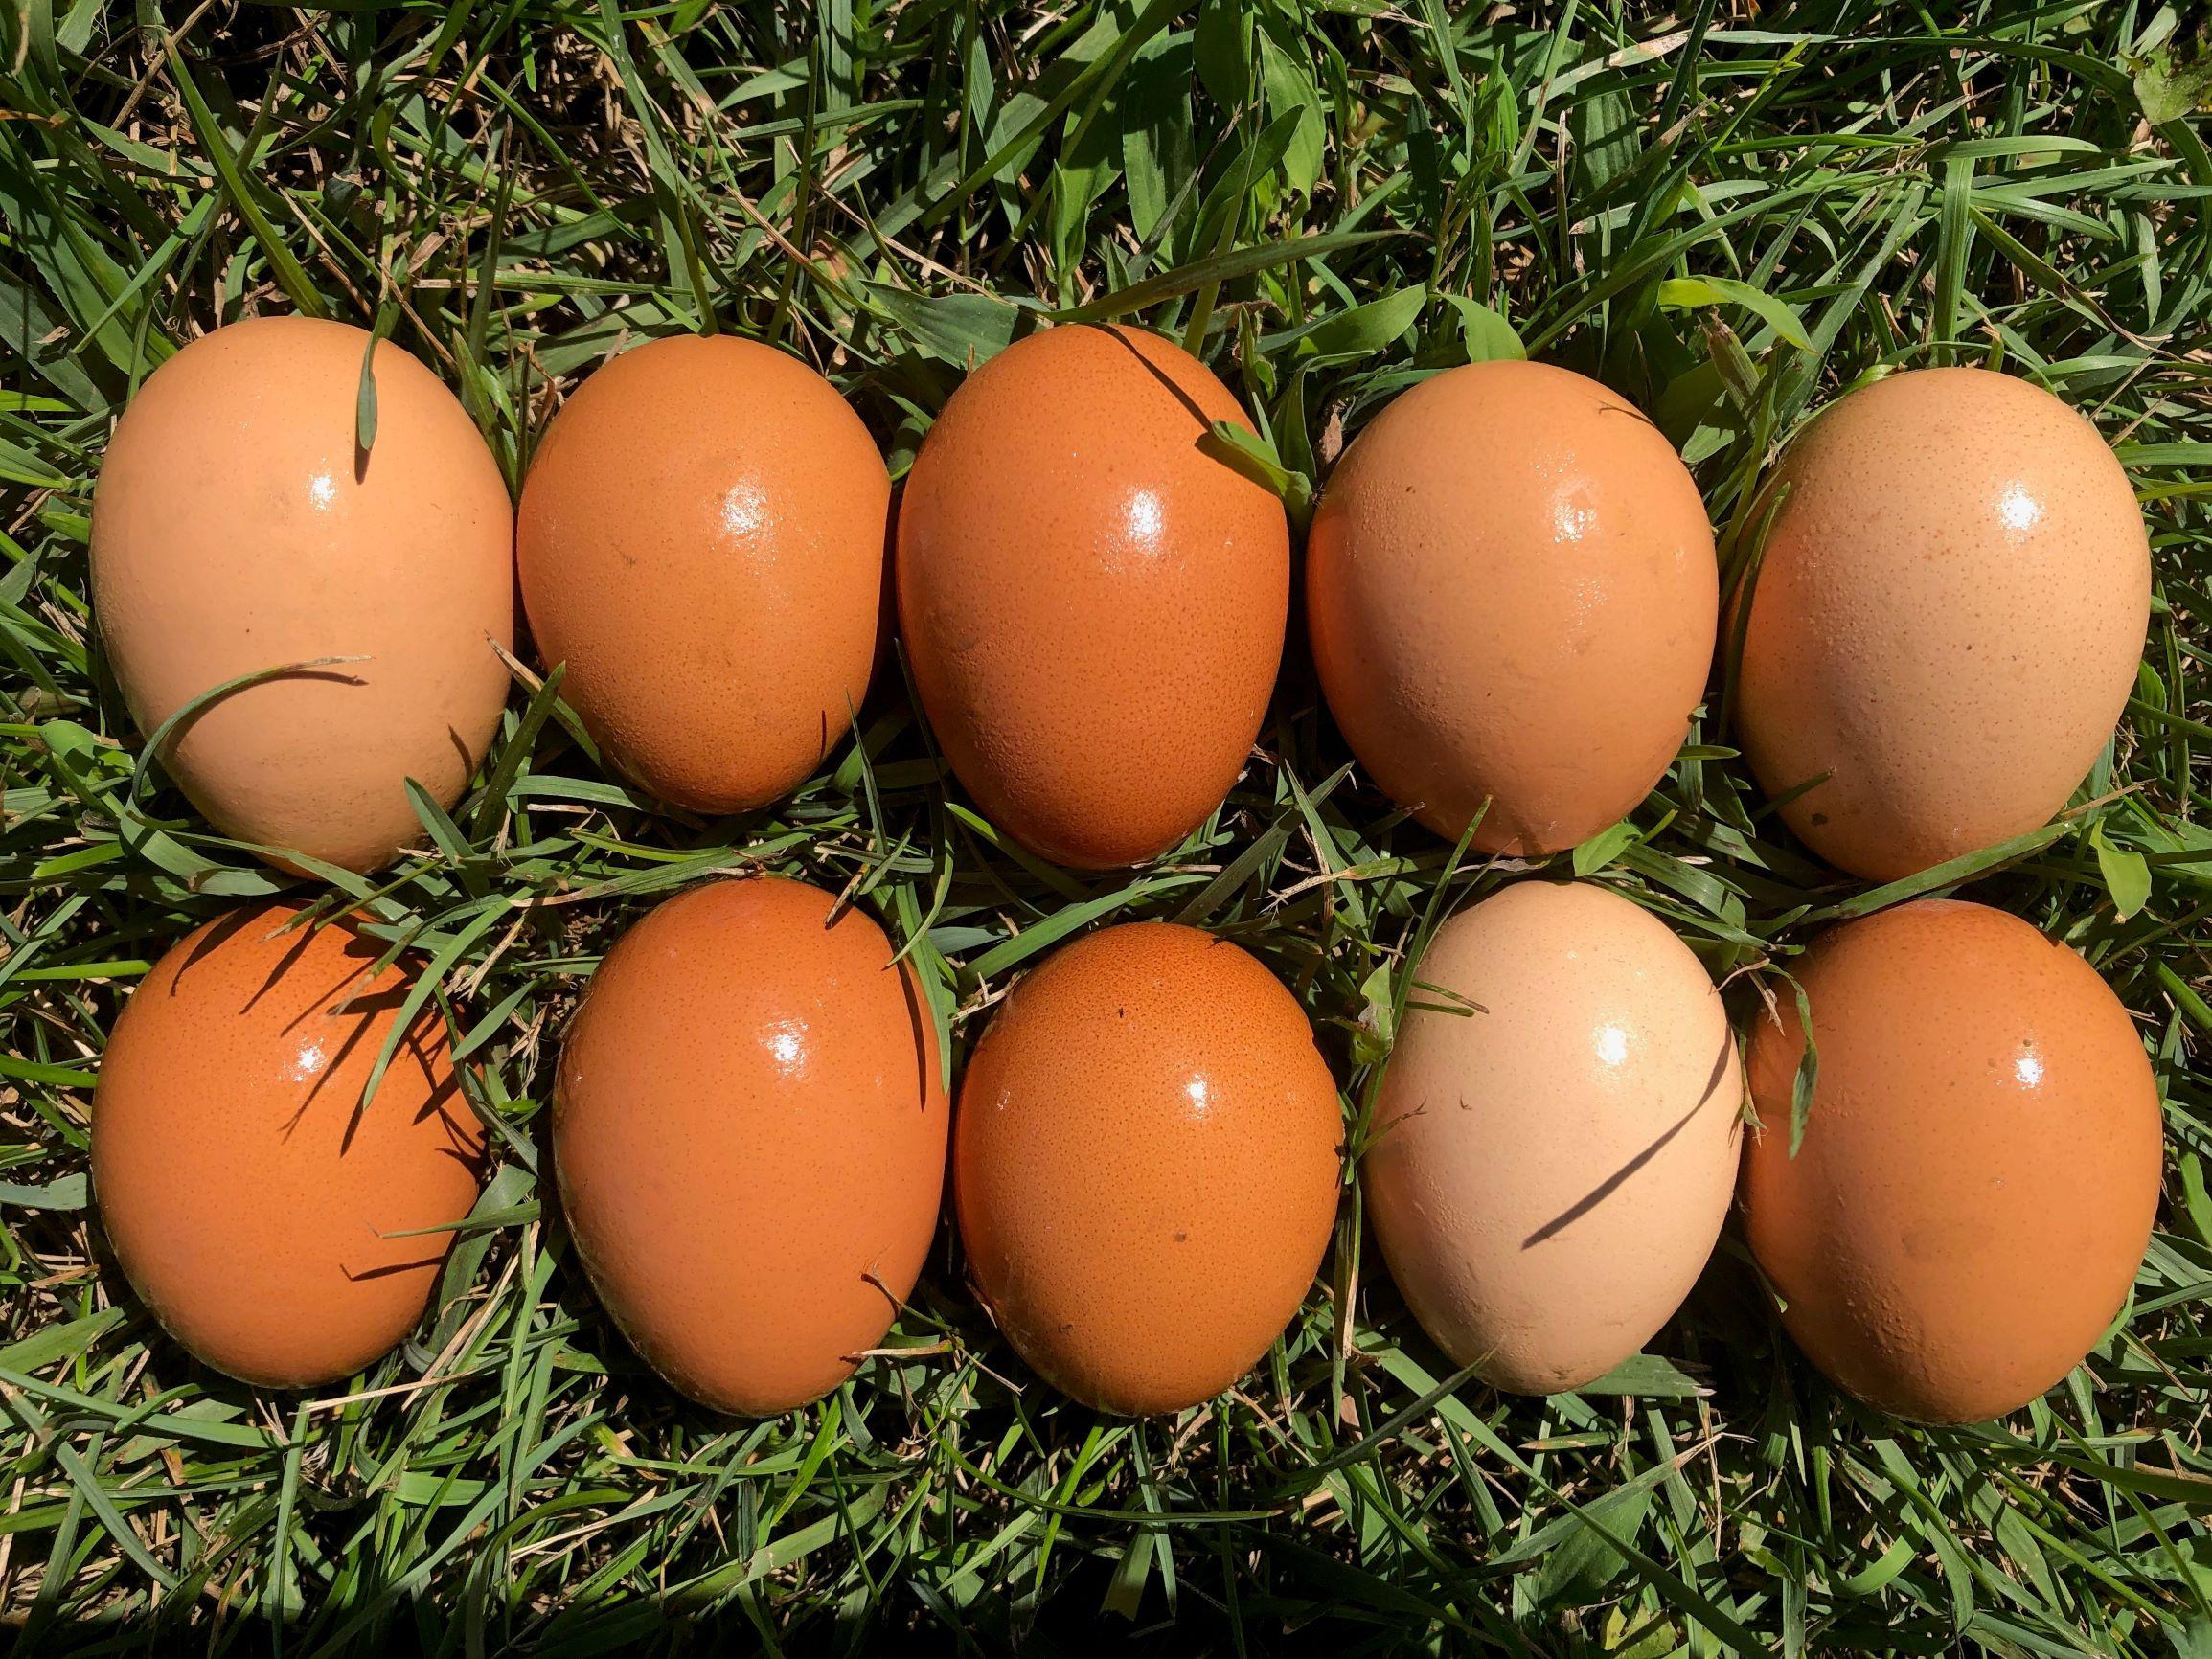 Eggs - Medium Grade A